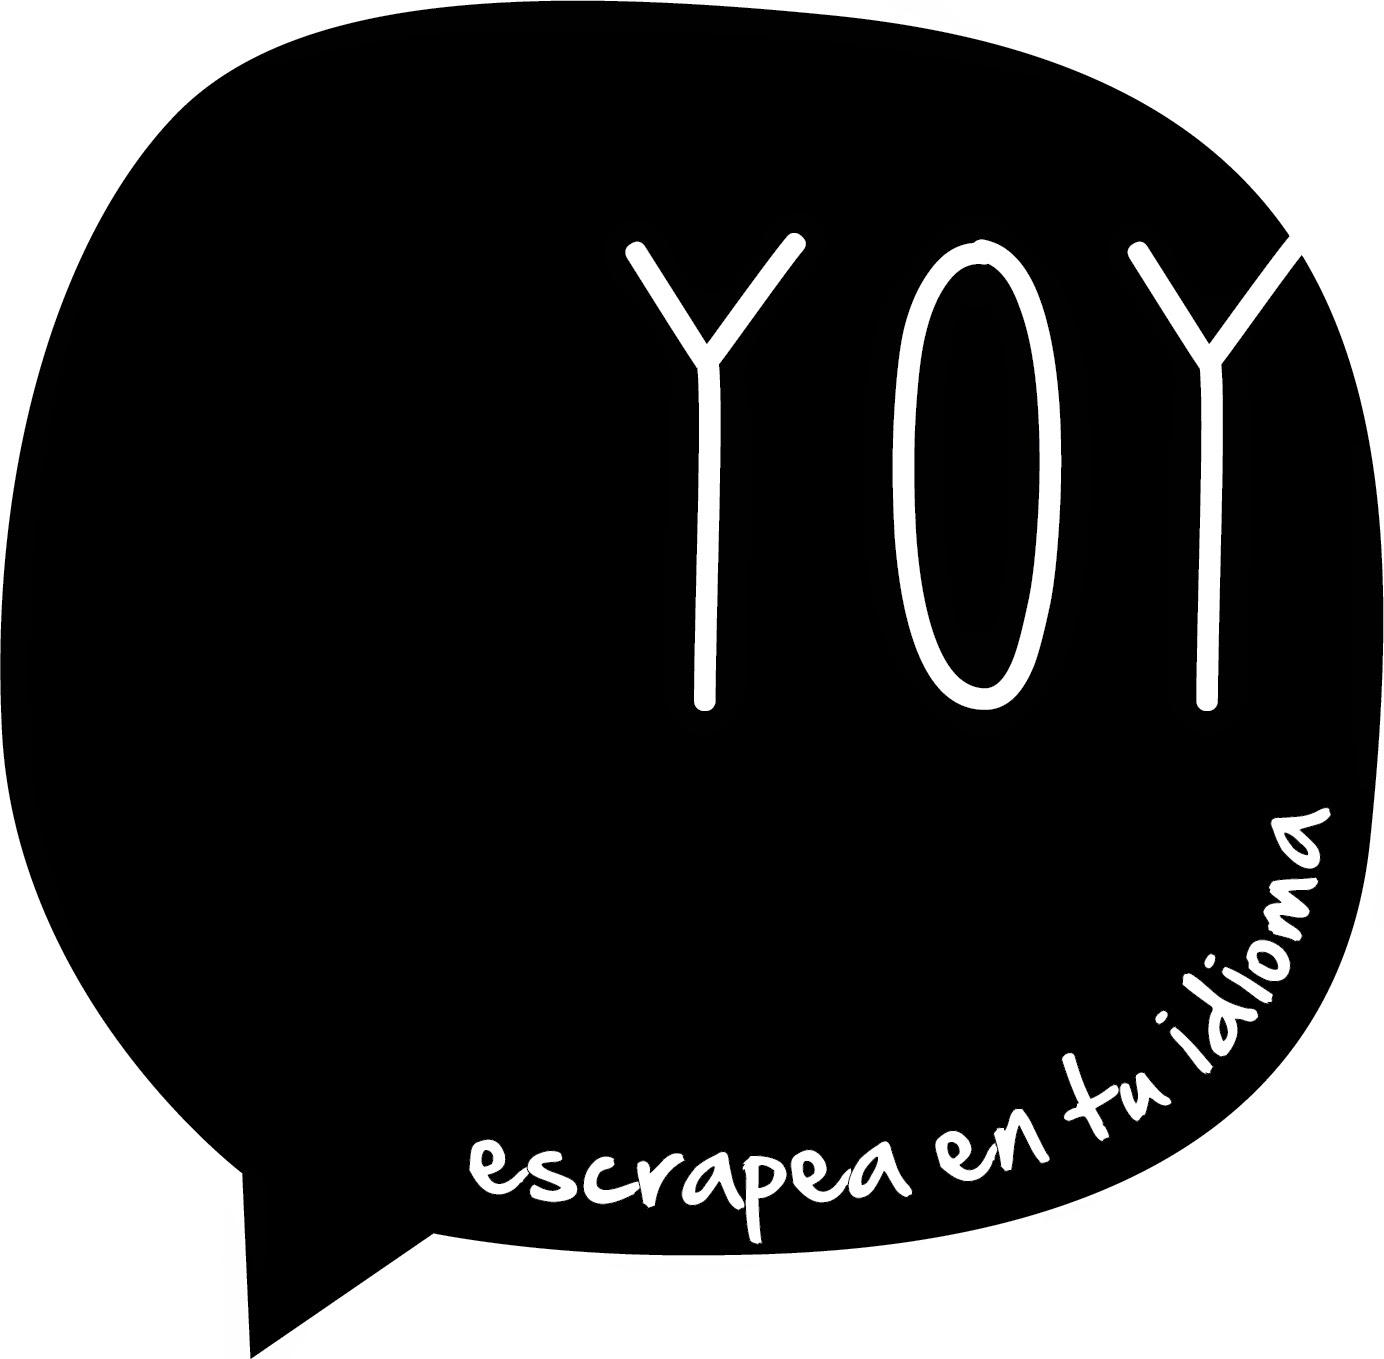 http://yoyscrap.es/